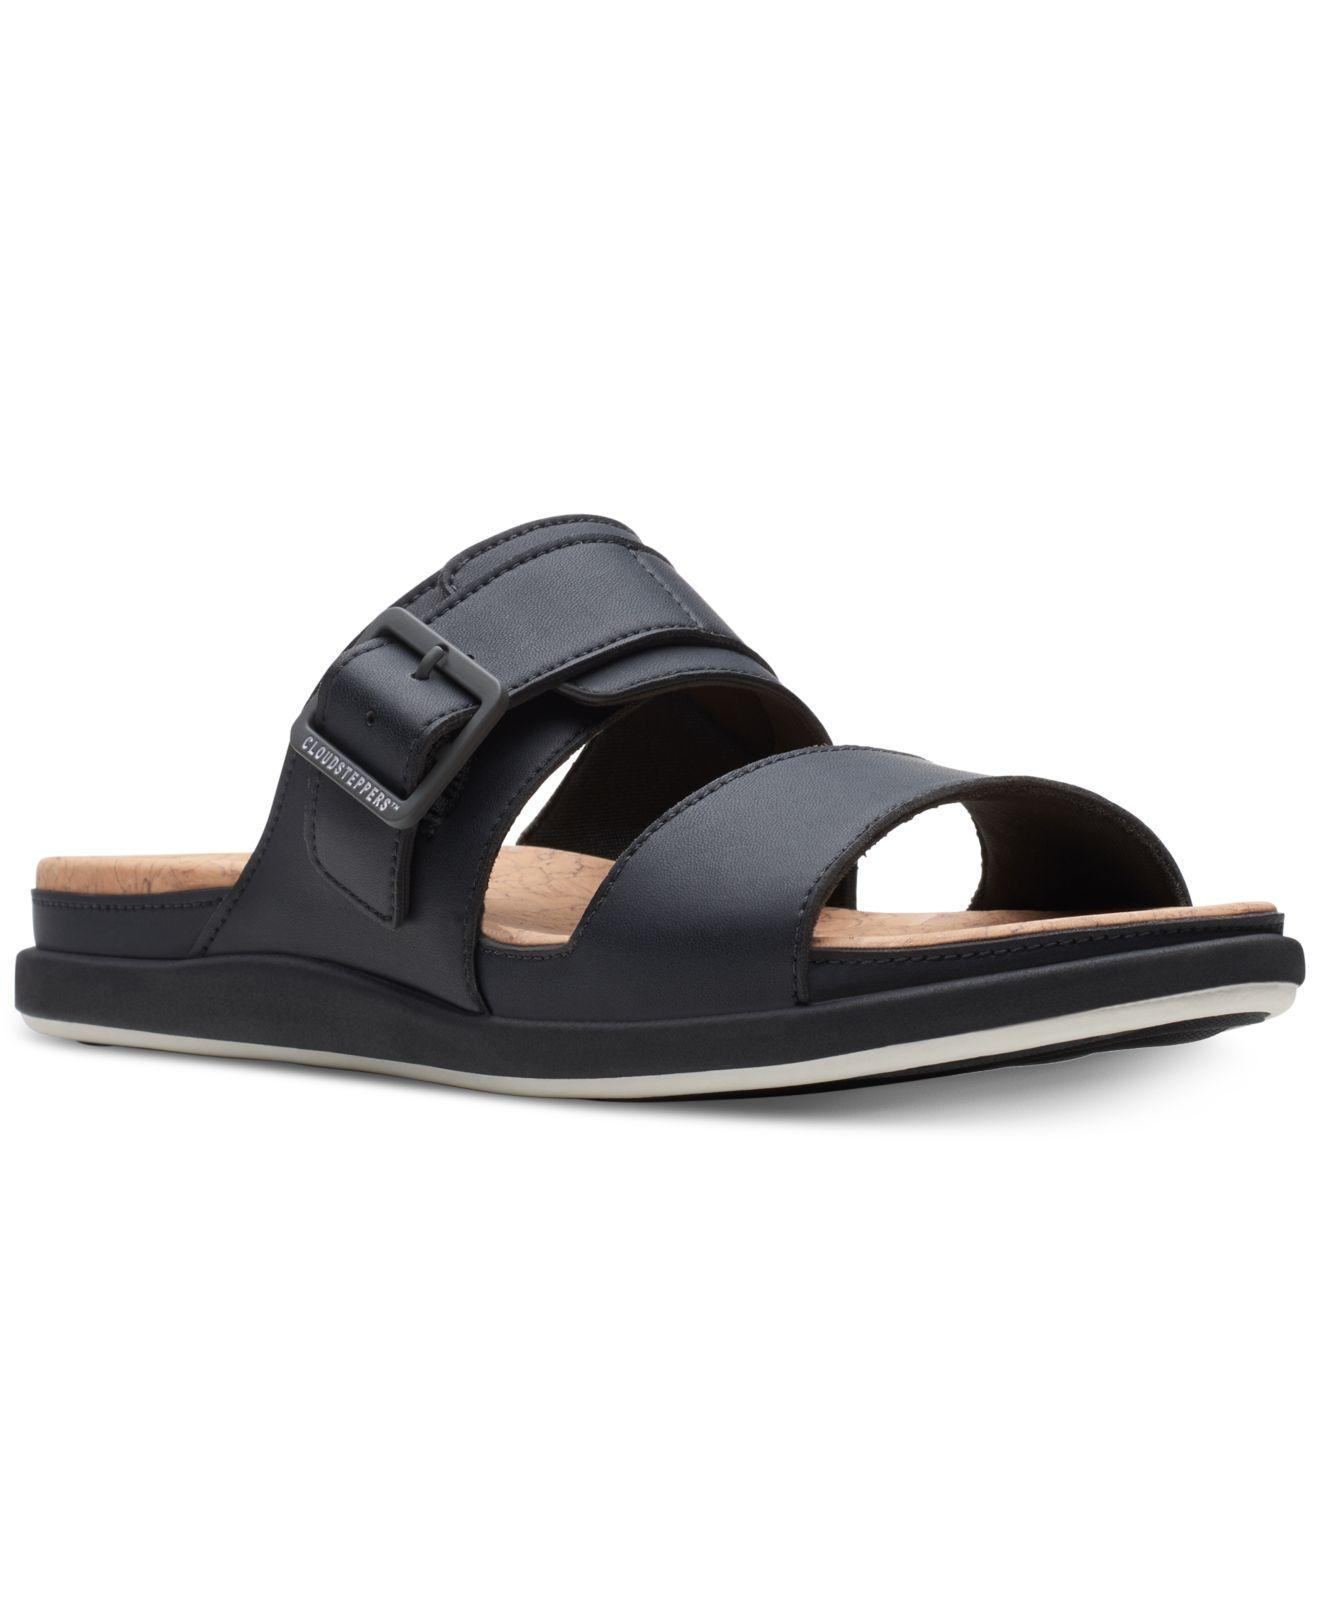 820ca932fe5 Lyst - Clarks Cloudsteppers Step June Tide Slide Sandals in Black